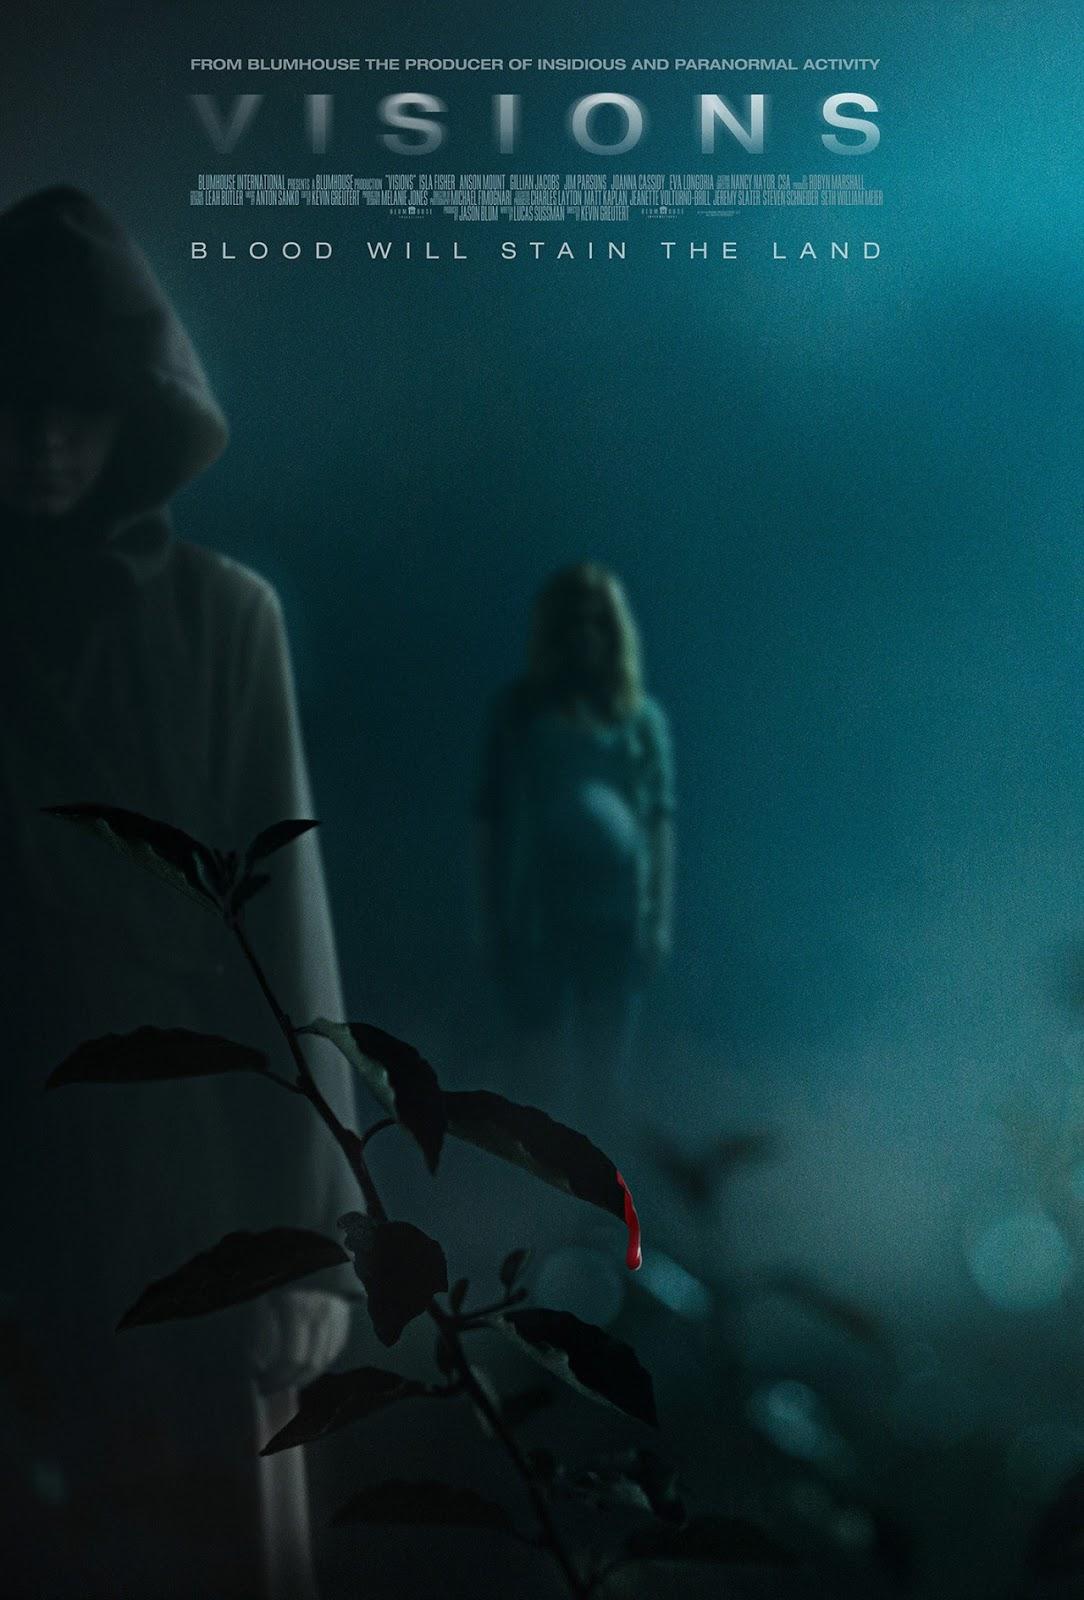 Visions (La noche del diablo)